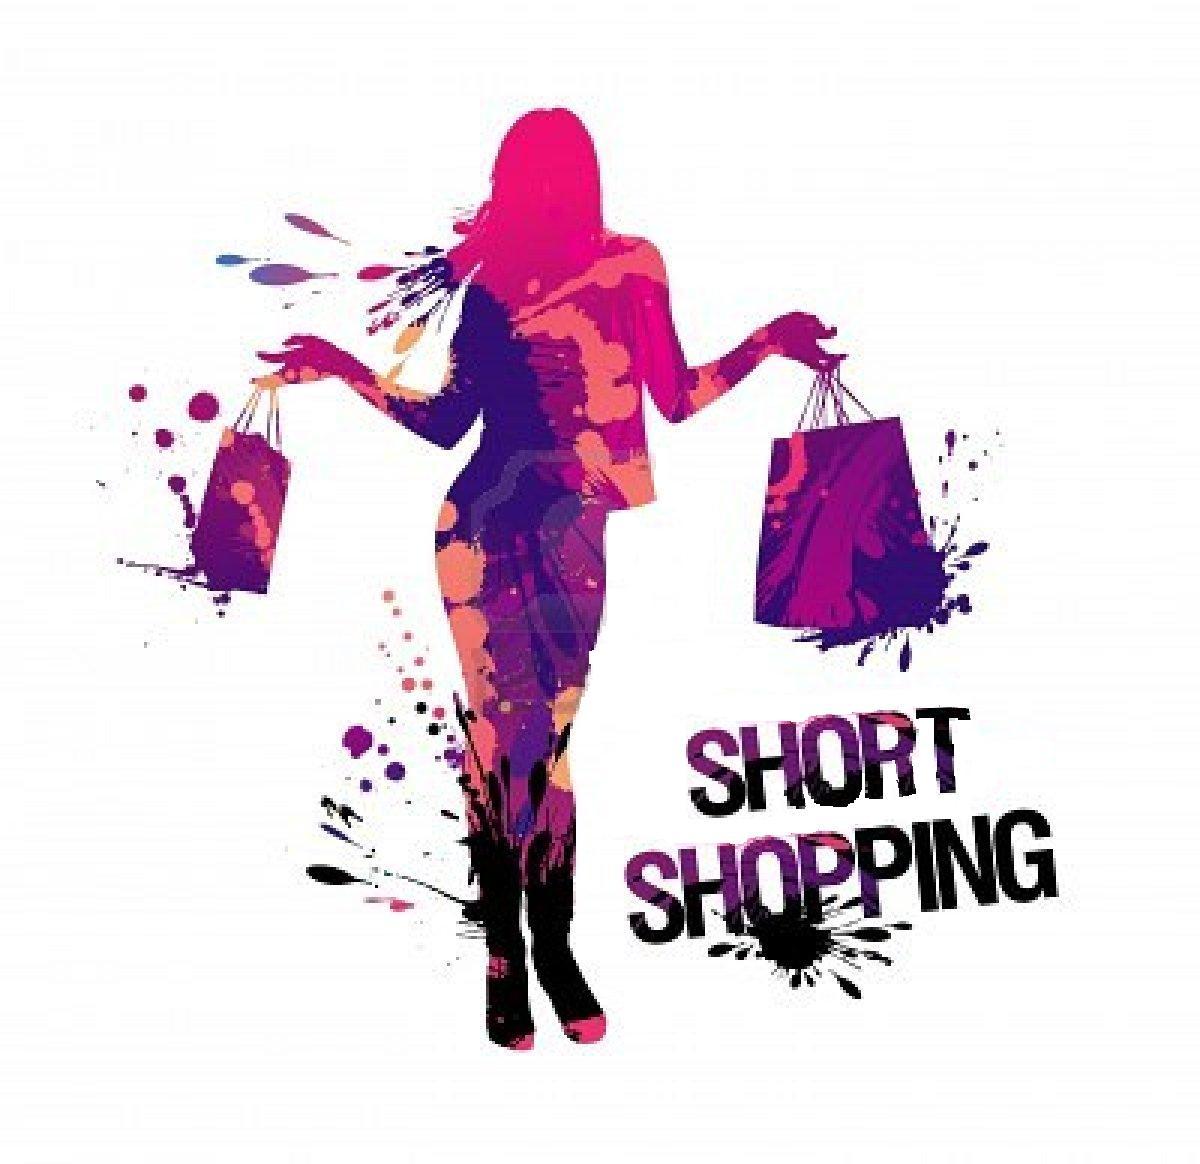 short shopping. Black Bedroom Furniture Sets. Home Design Ideas